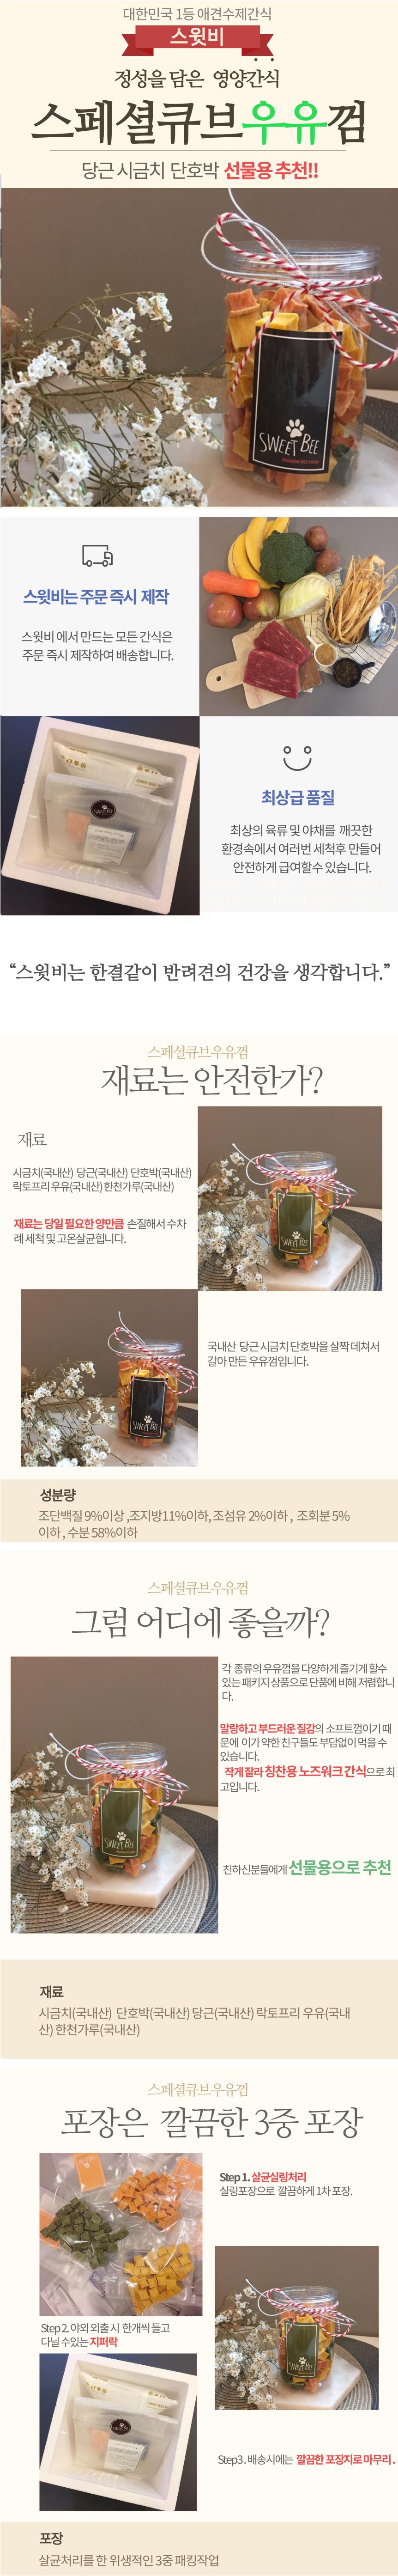 스윗비 강아지 수제간식 스페셜 큐브 우유껌 140g - 스윗비, 12,000원, 간식/영양제, 수제간식